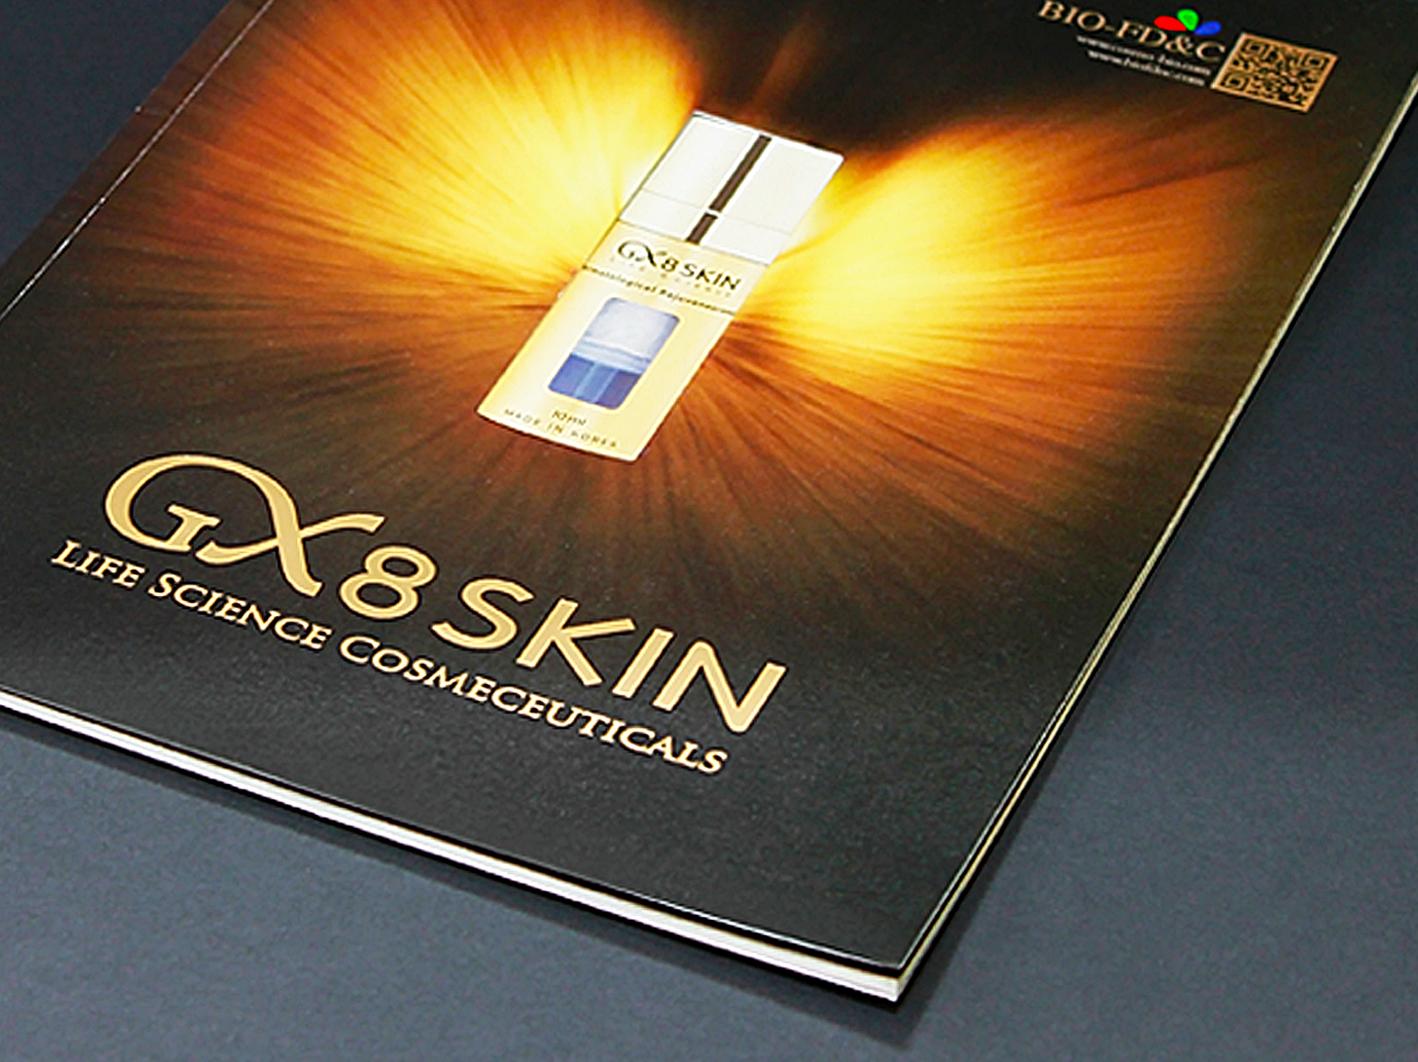 GX8 skin